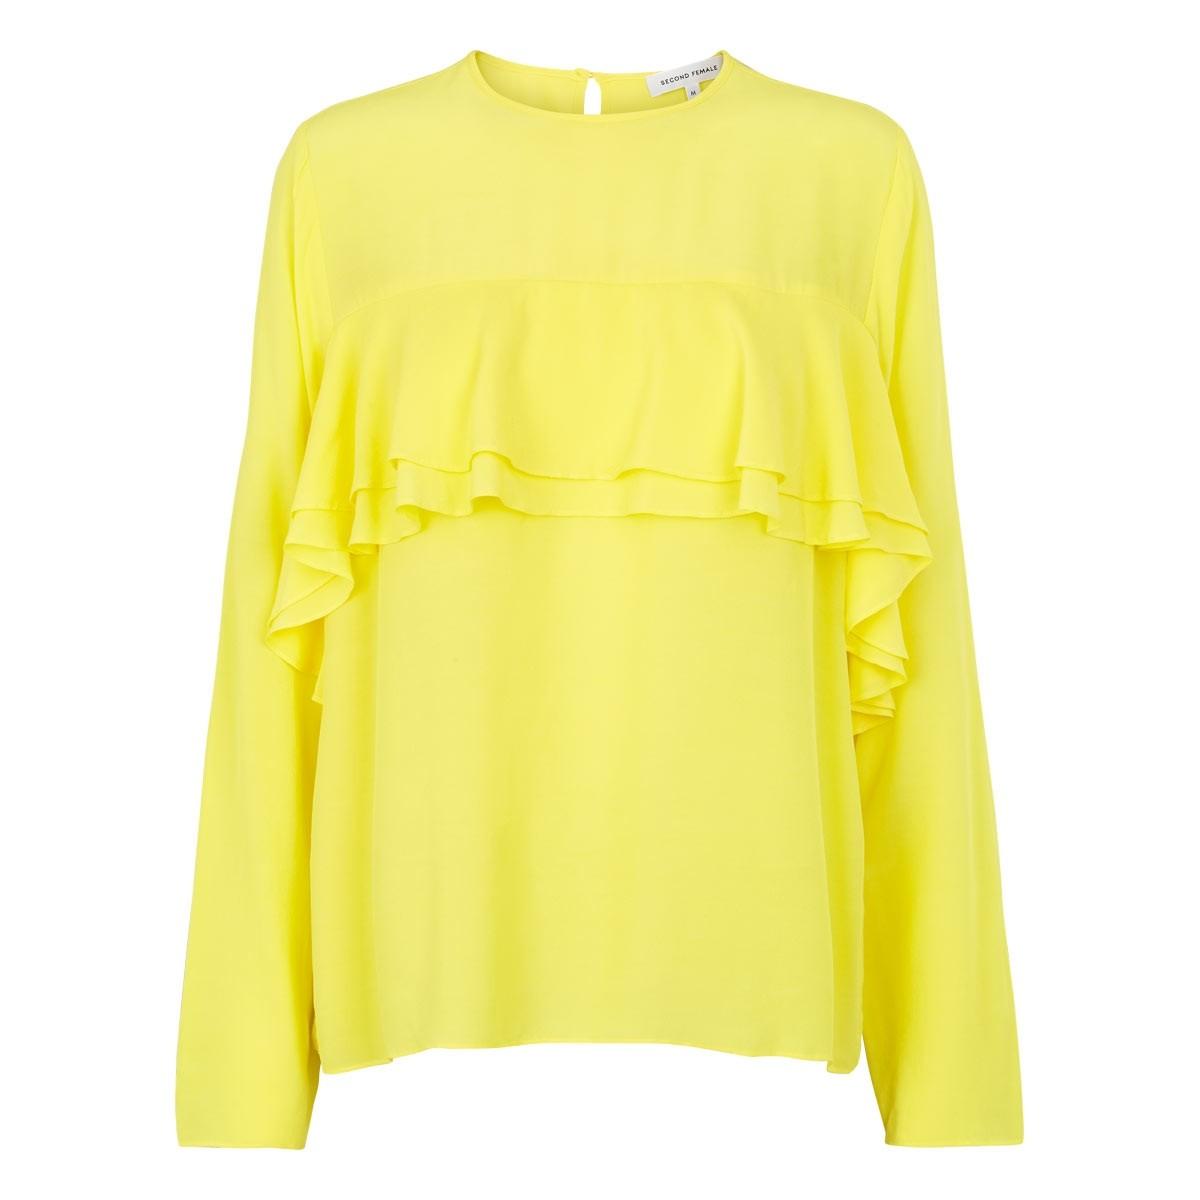 aliexpress heißer Verkauf online zuverlässige Qualität SECOND FEMALE Nora blouse